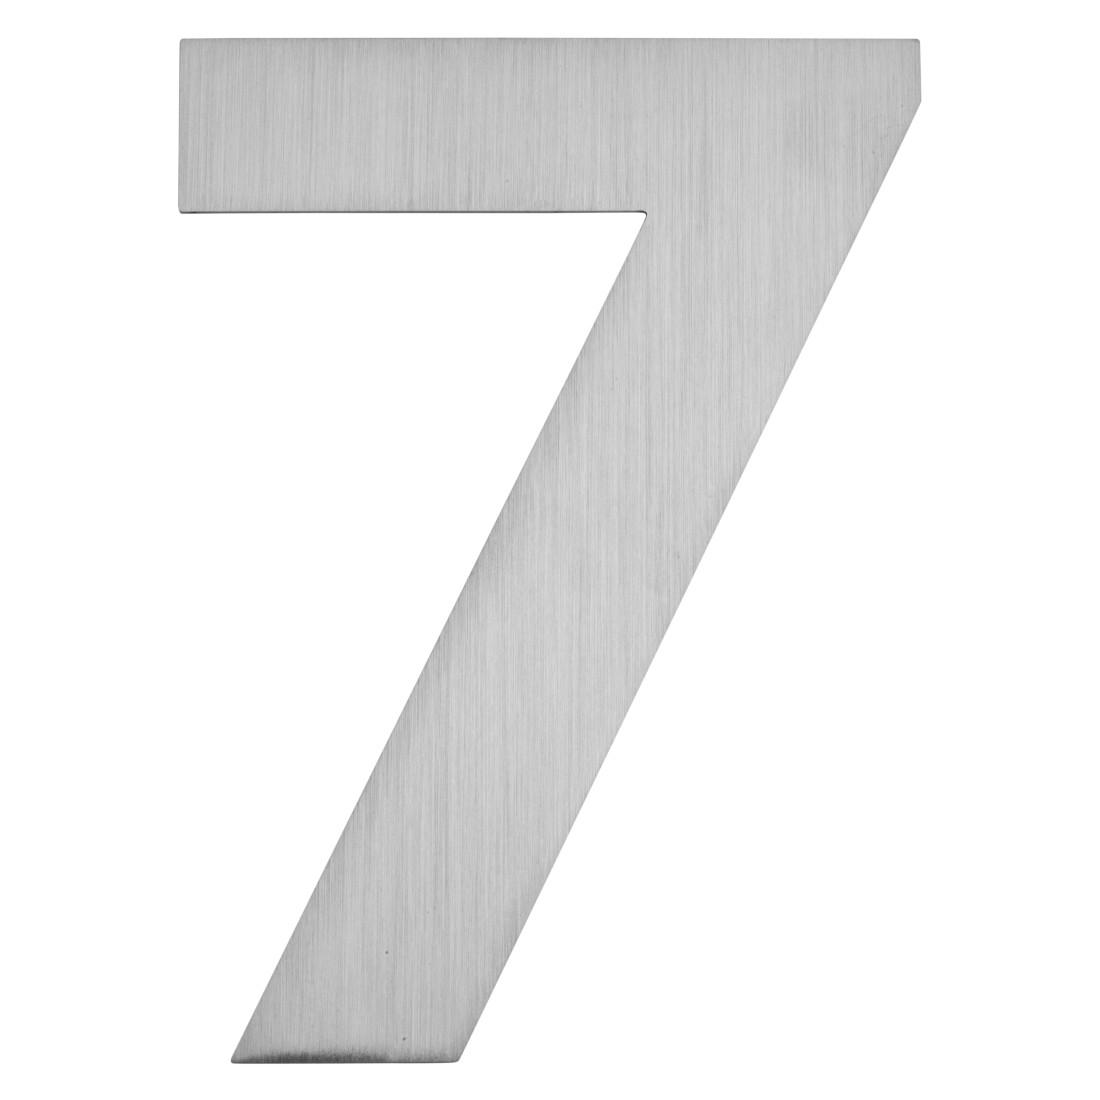 Hausnummer zum Aufkleben 7 - Matt Gebürstet Edelstahl Matt Gebürstet Silber, Serafini